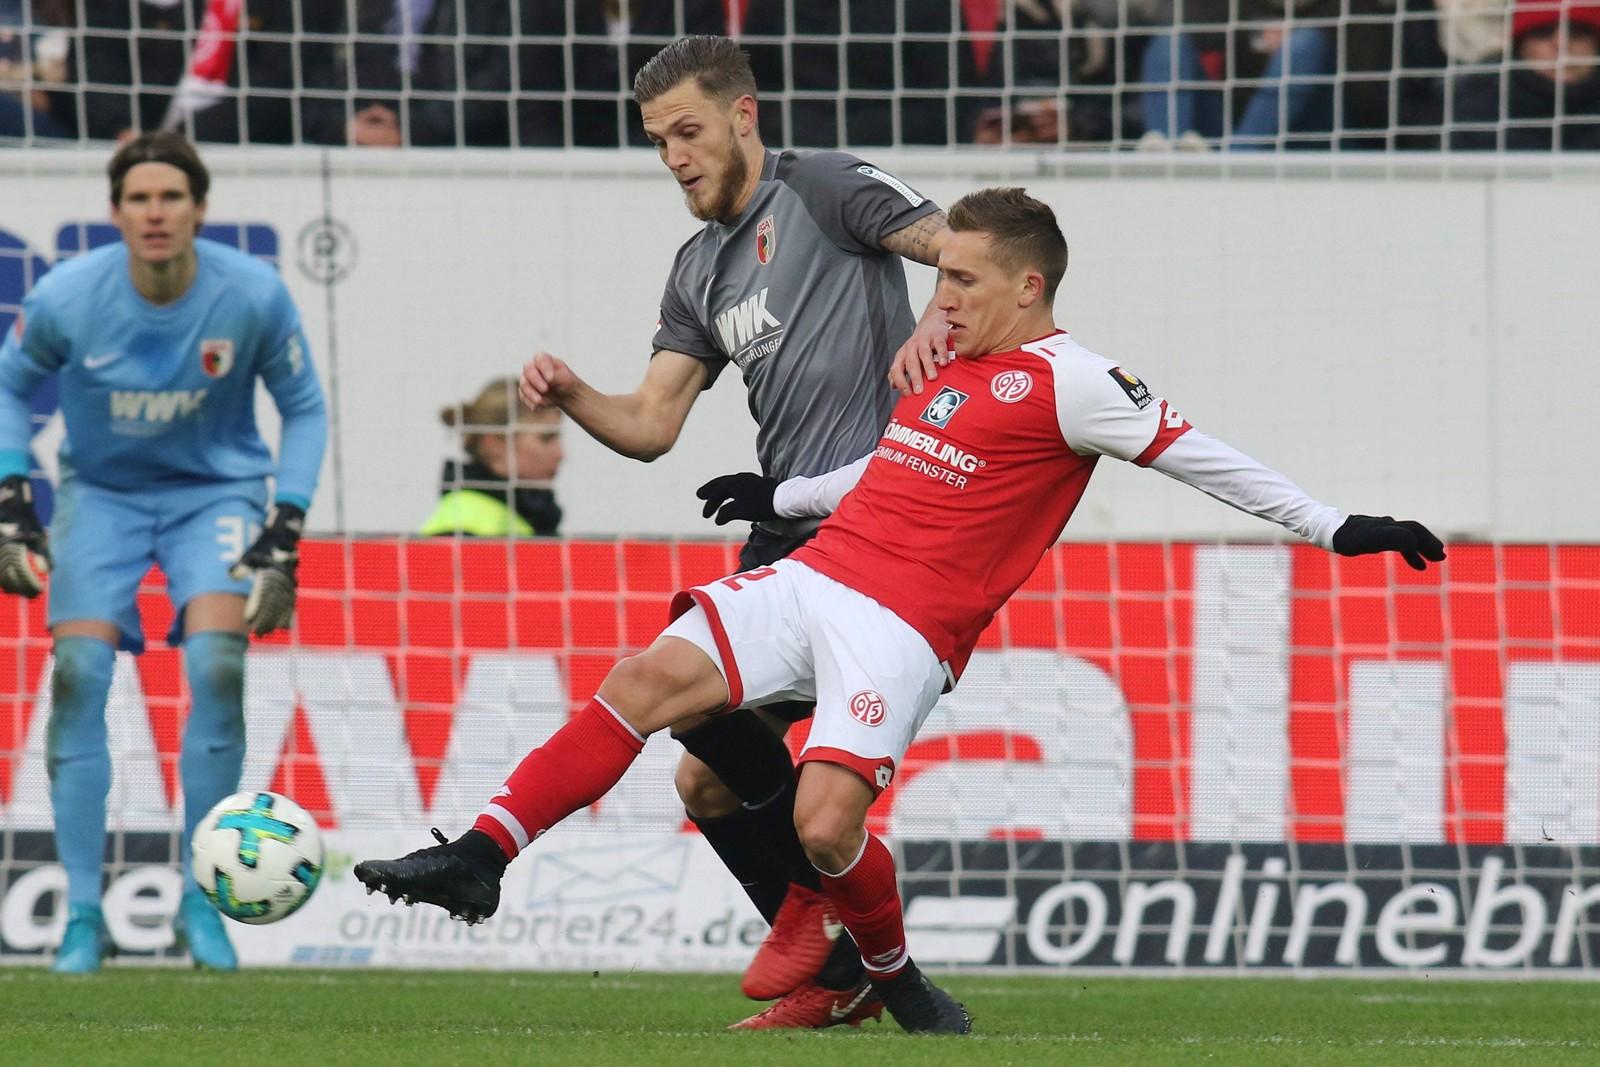 Pablo de Blasis von Mainz 05 gegen Jeffrey Gouweleeuw vom FC Augsburg